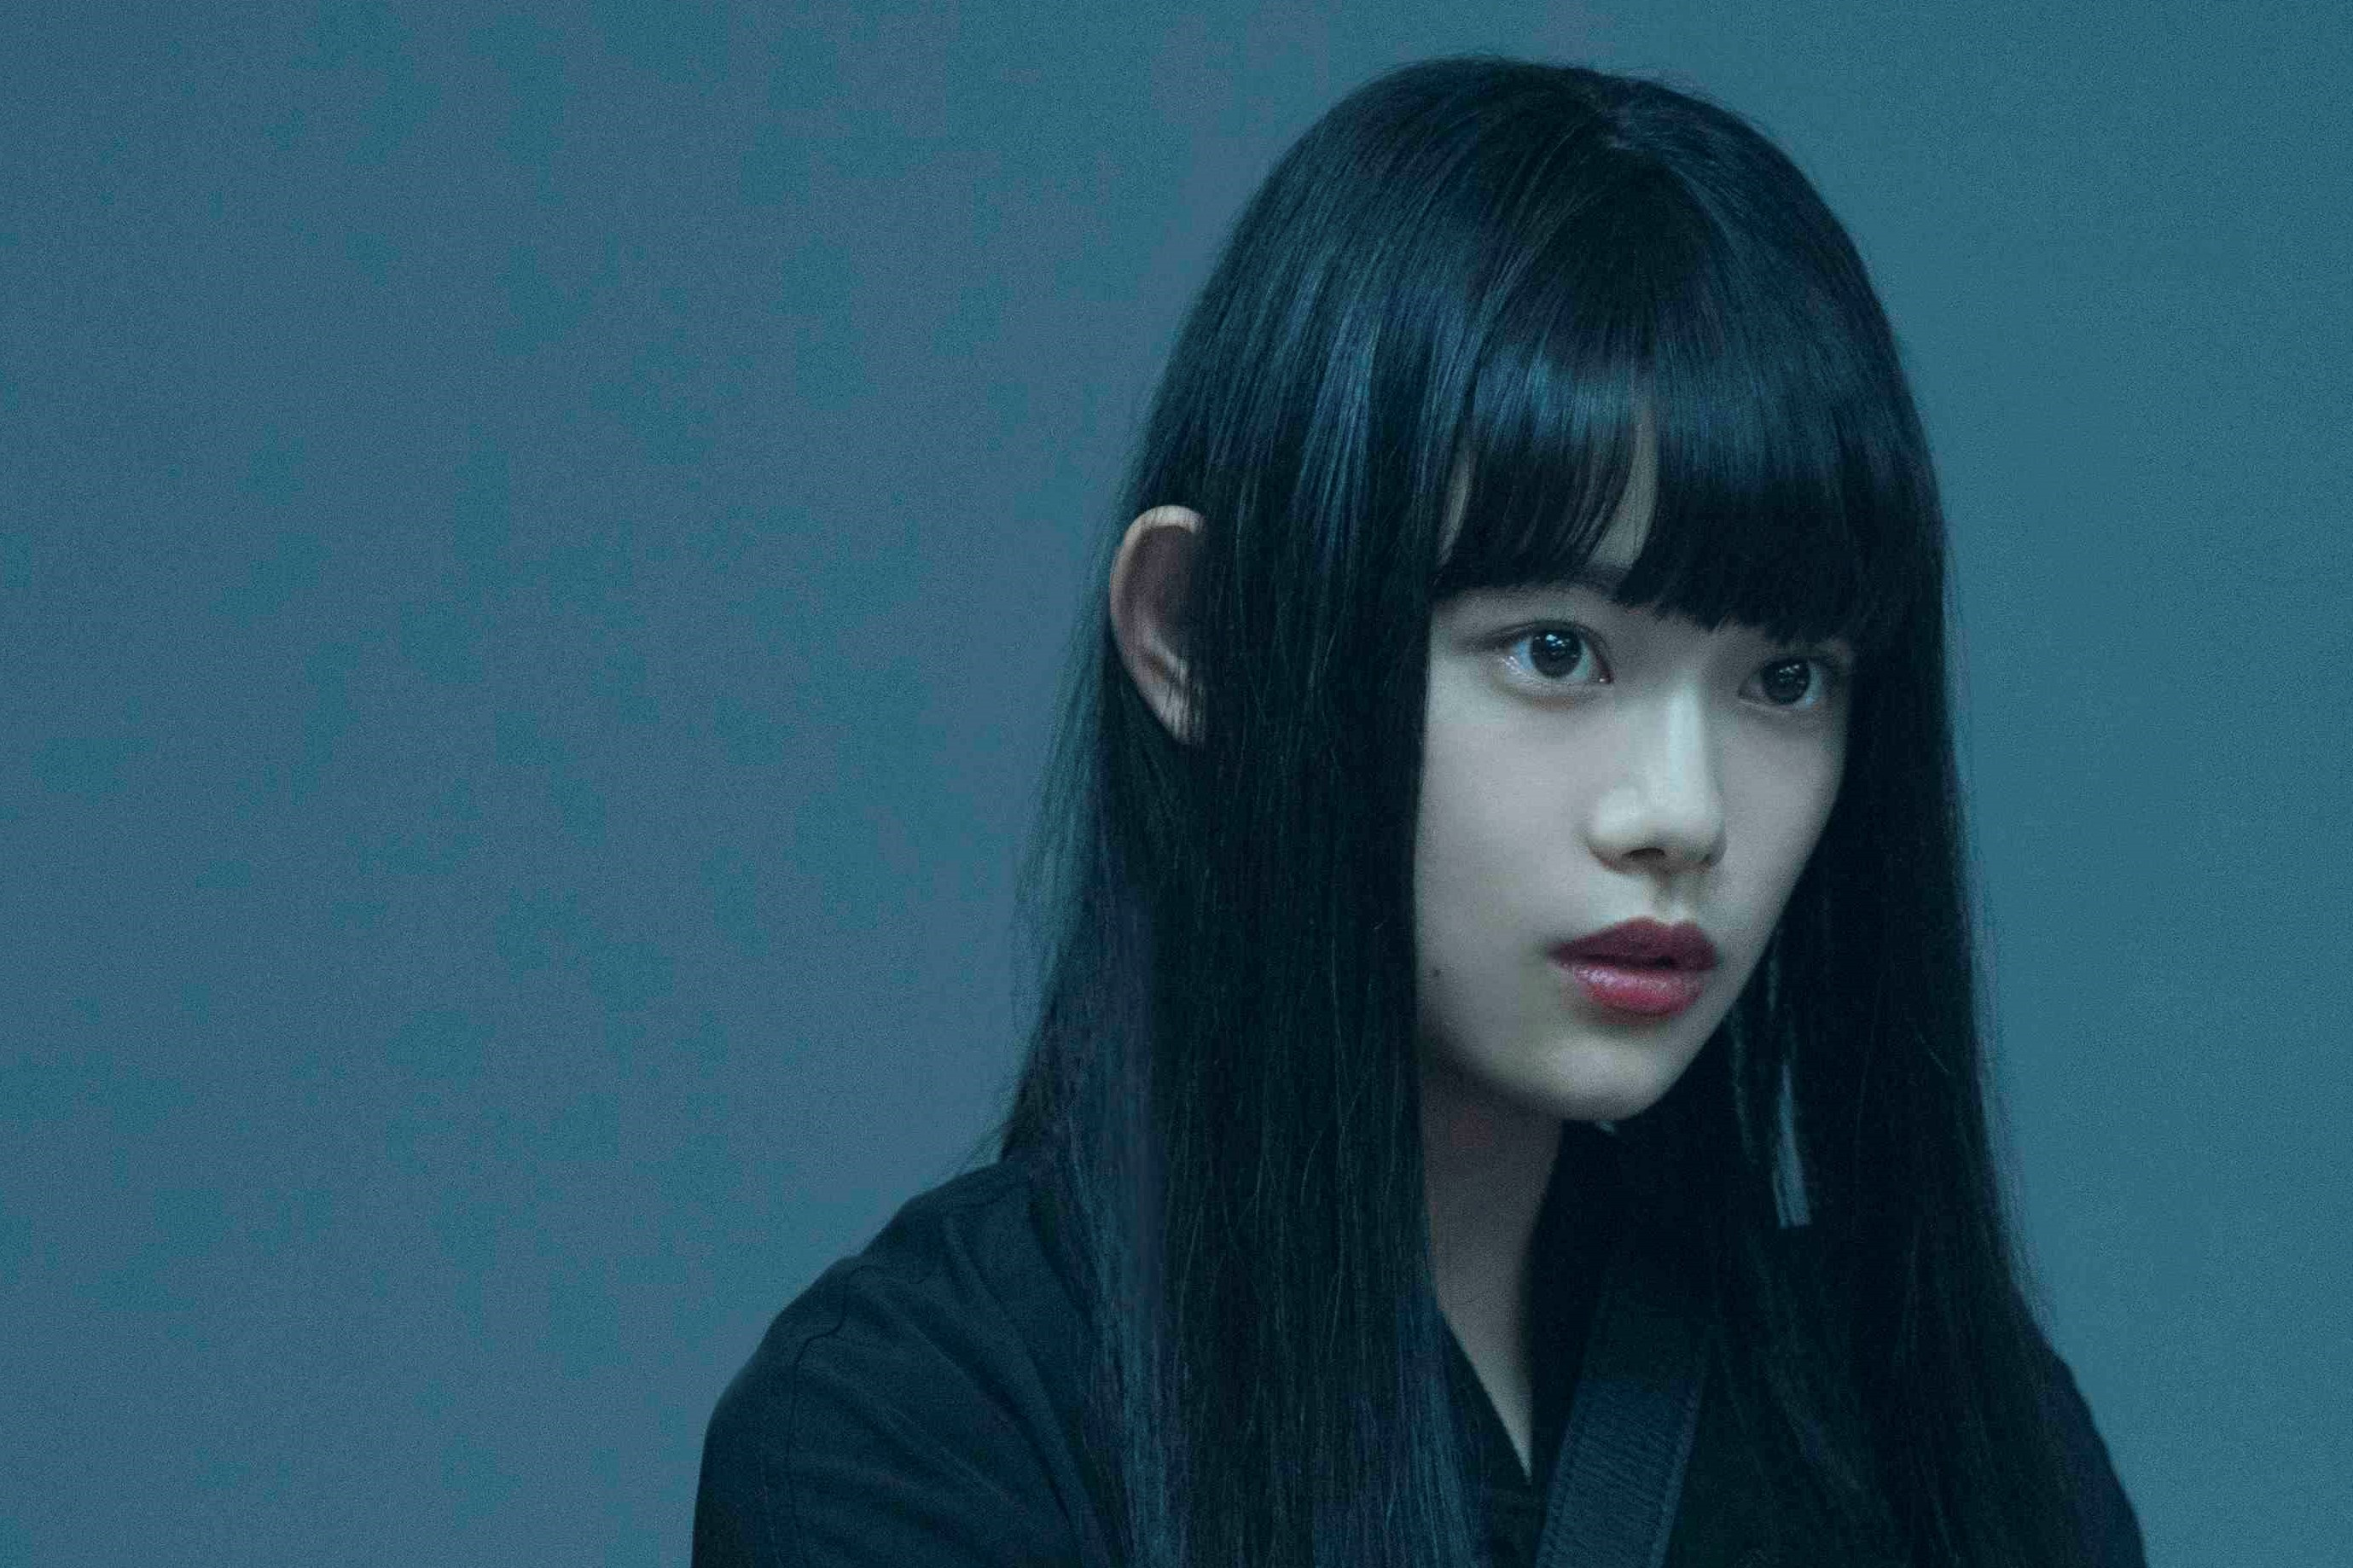 アンリ/杉咲花 (C)2019「十二人の死にたい子どもたち」製作委員会